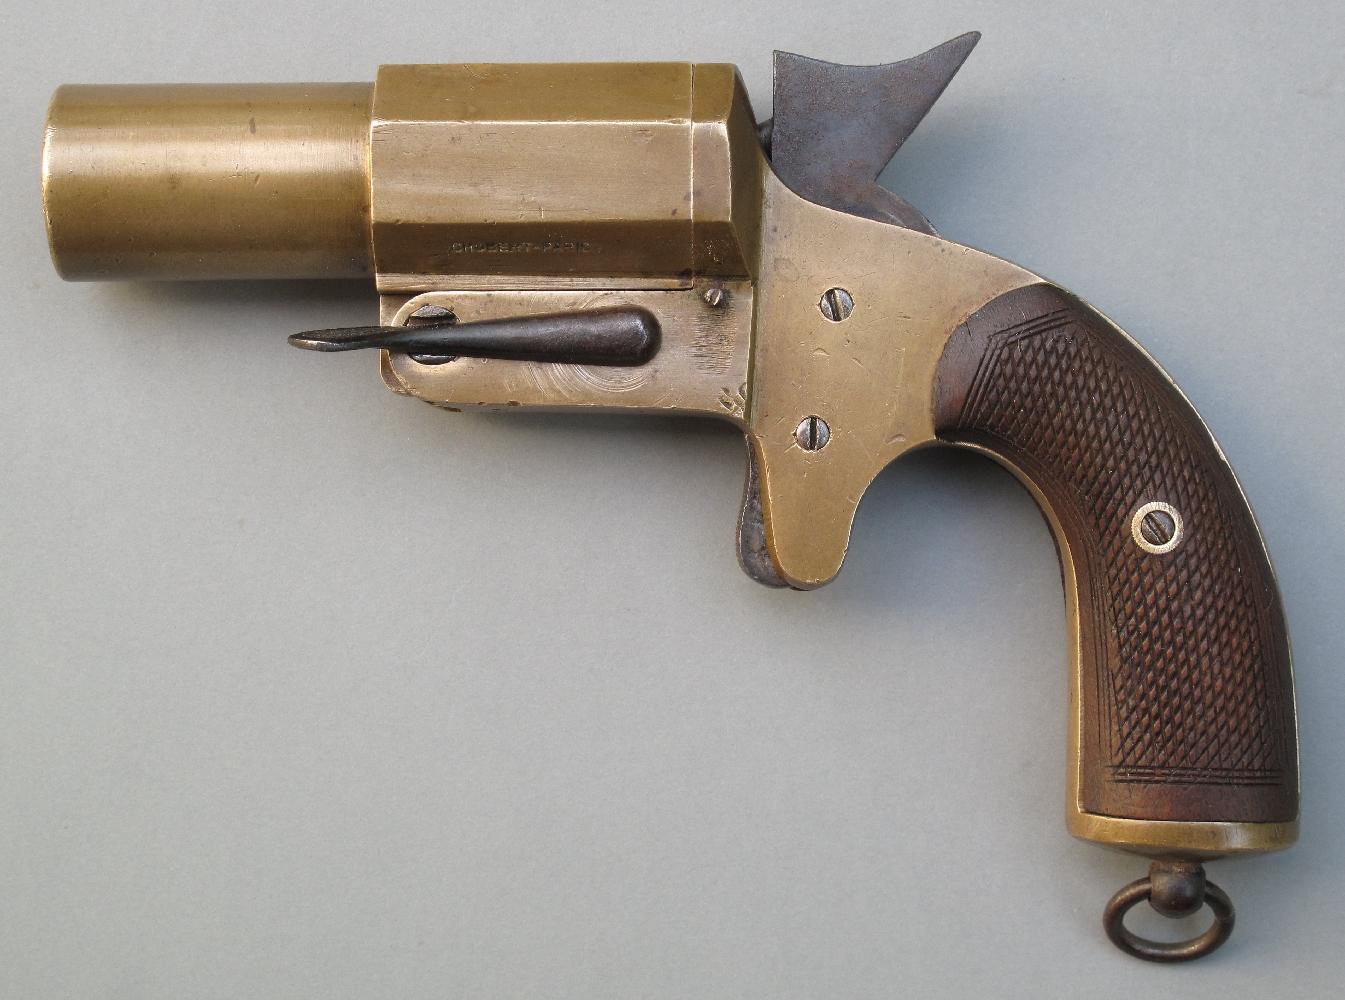 C'est finalement un pistolet de fabrication rustique et peu onéreuse, copié sur les modèles déjà existants, qui sera adopté et produit à la hâte au moment des hostilités. Ce pistolet signaleur à canon court (Gazette des Armes N°485) présente l'avantage d'être robuste en raison de son extrême simplicité et sa fabrication en bronze le met à l'abri de la corrosion.